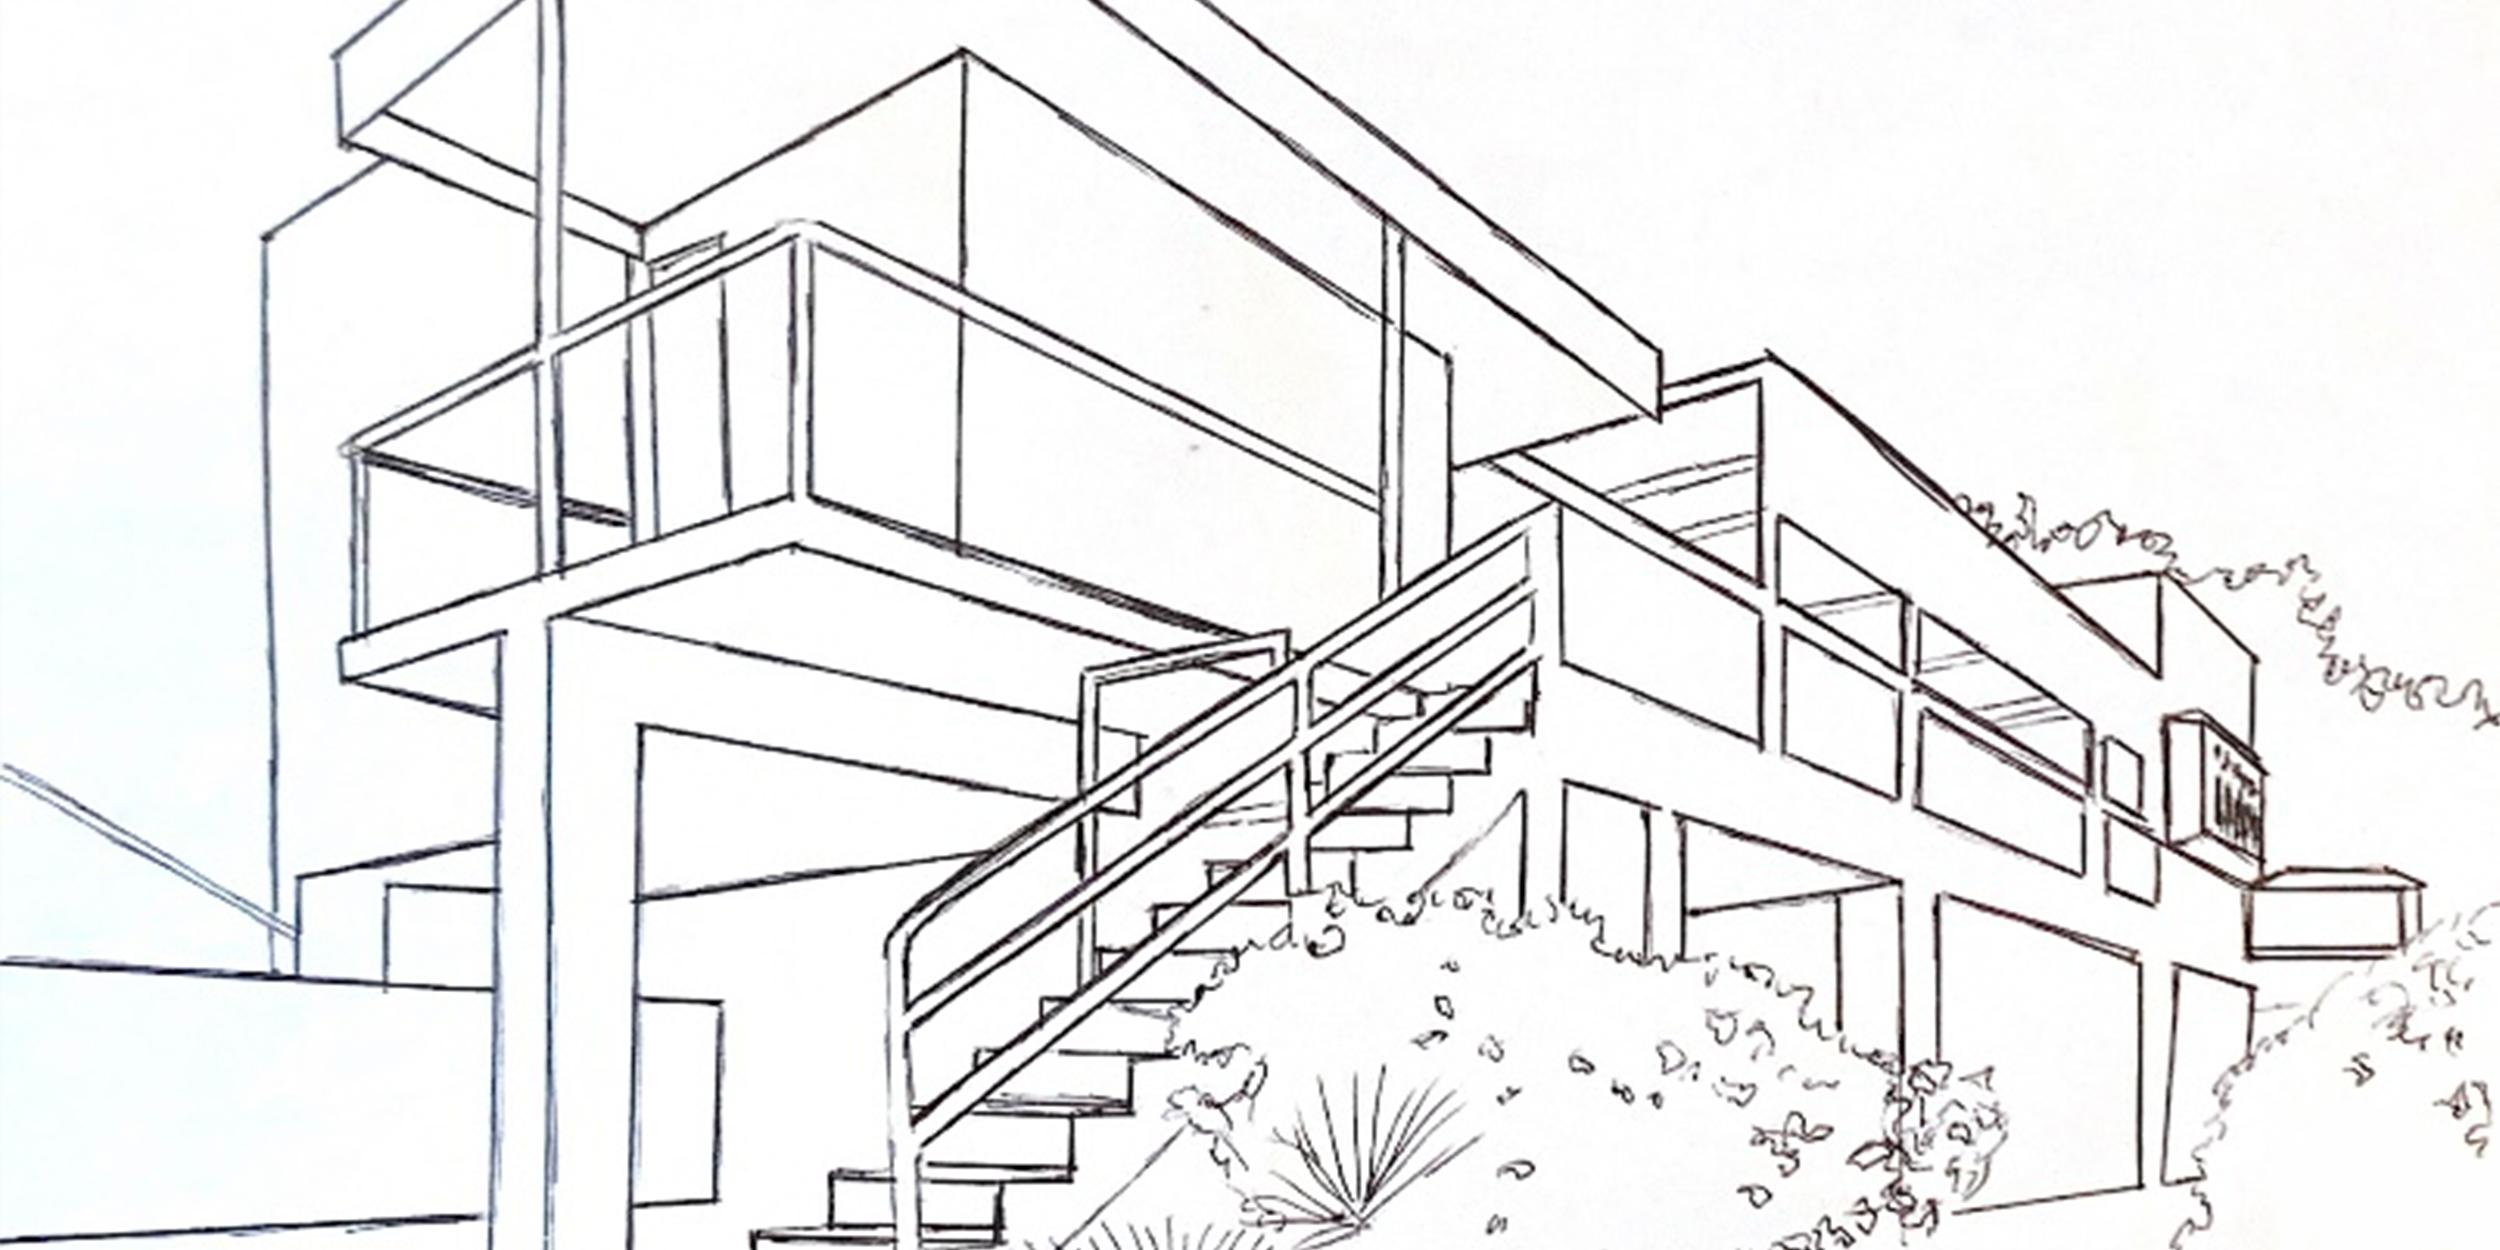 E1027 House Sketch